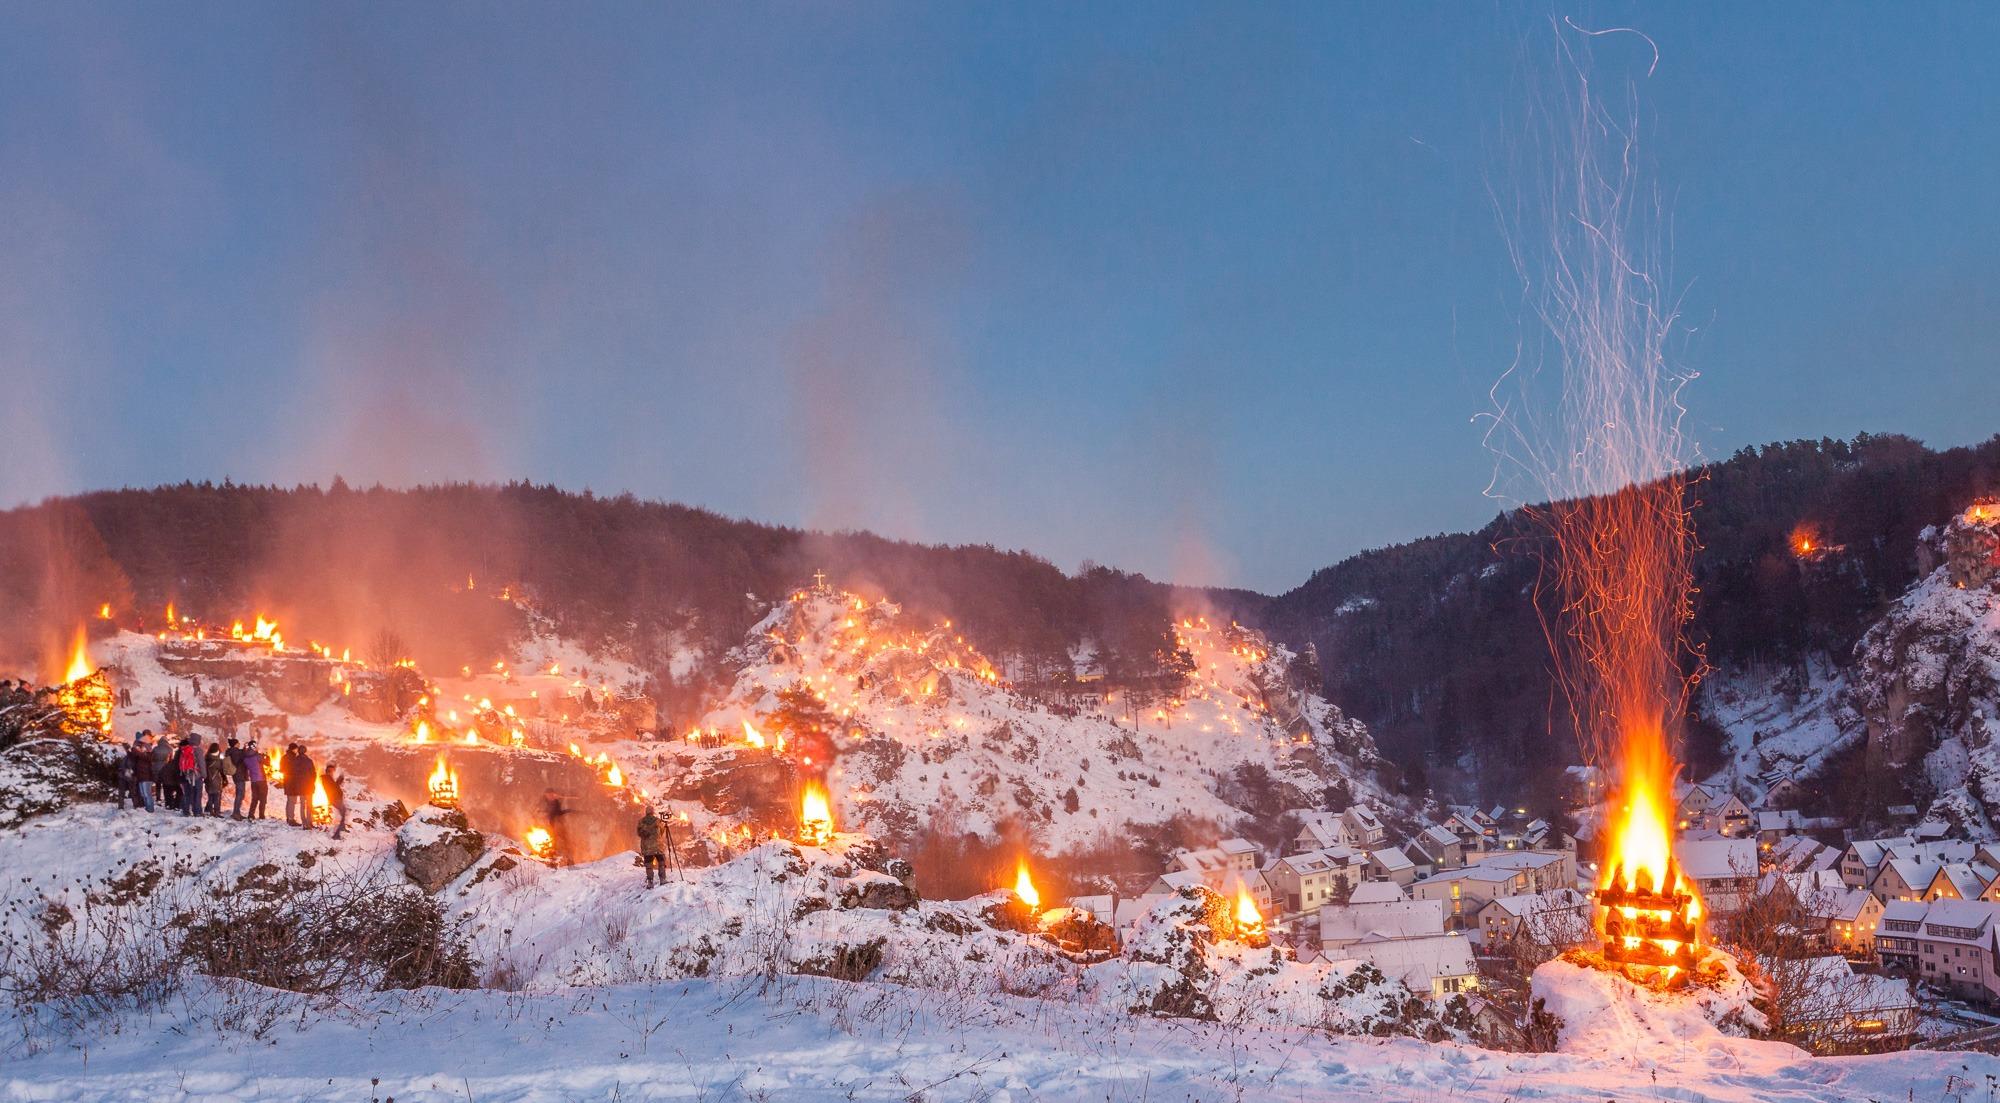 Blick von den Hängen auf die Bergfeuer um Pottenstein in der fränkischen Schweiz.